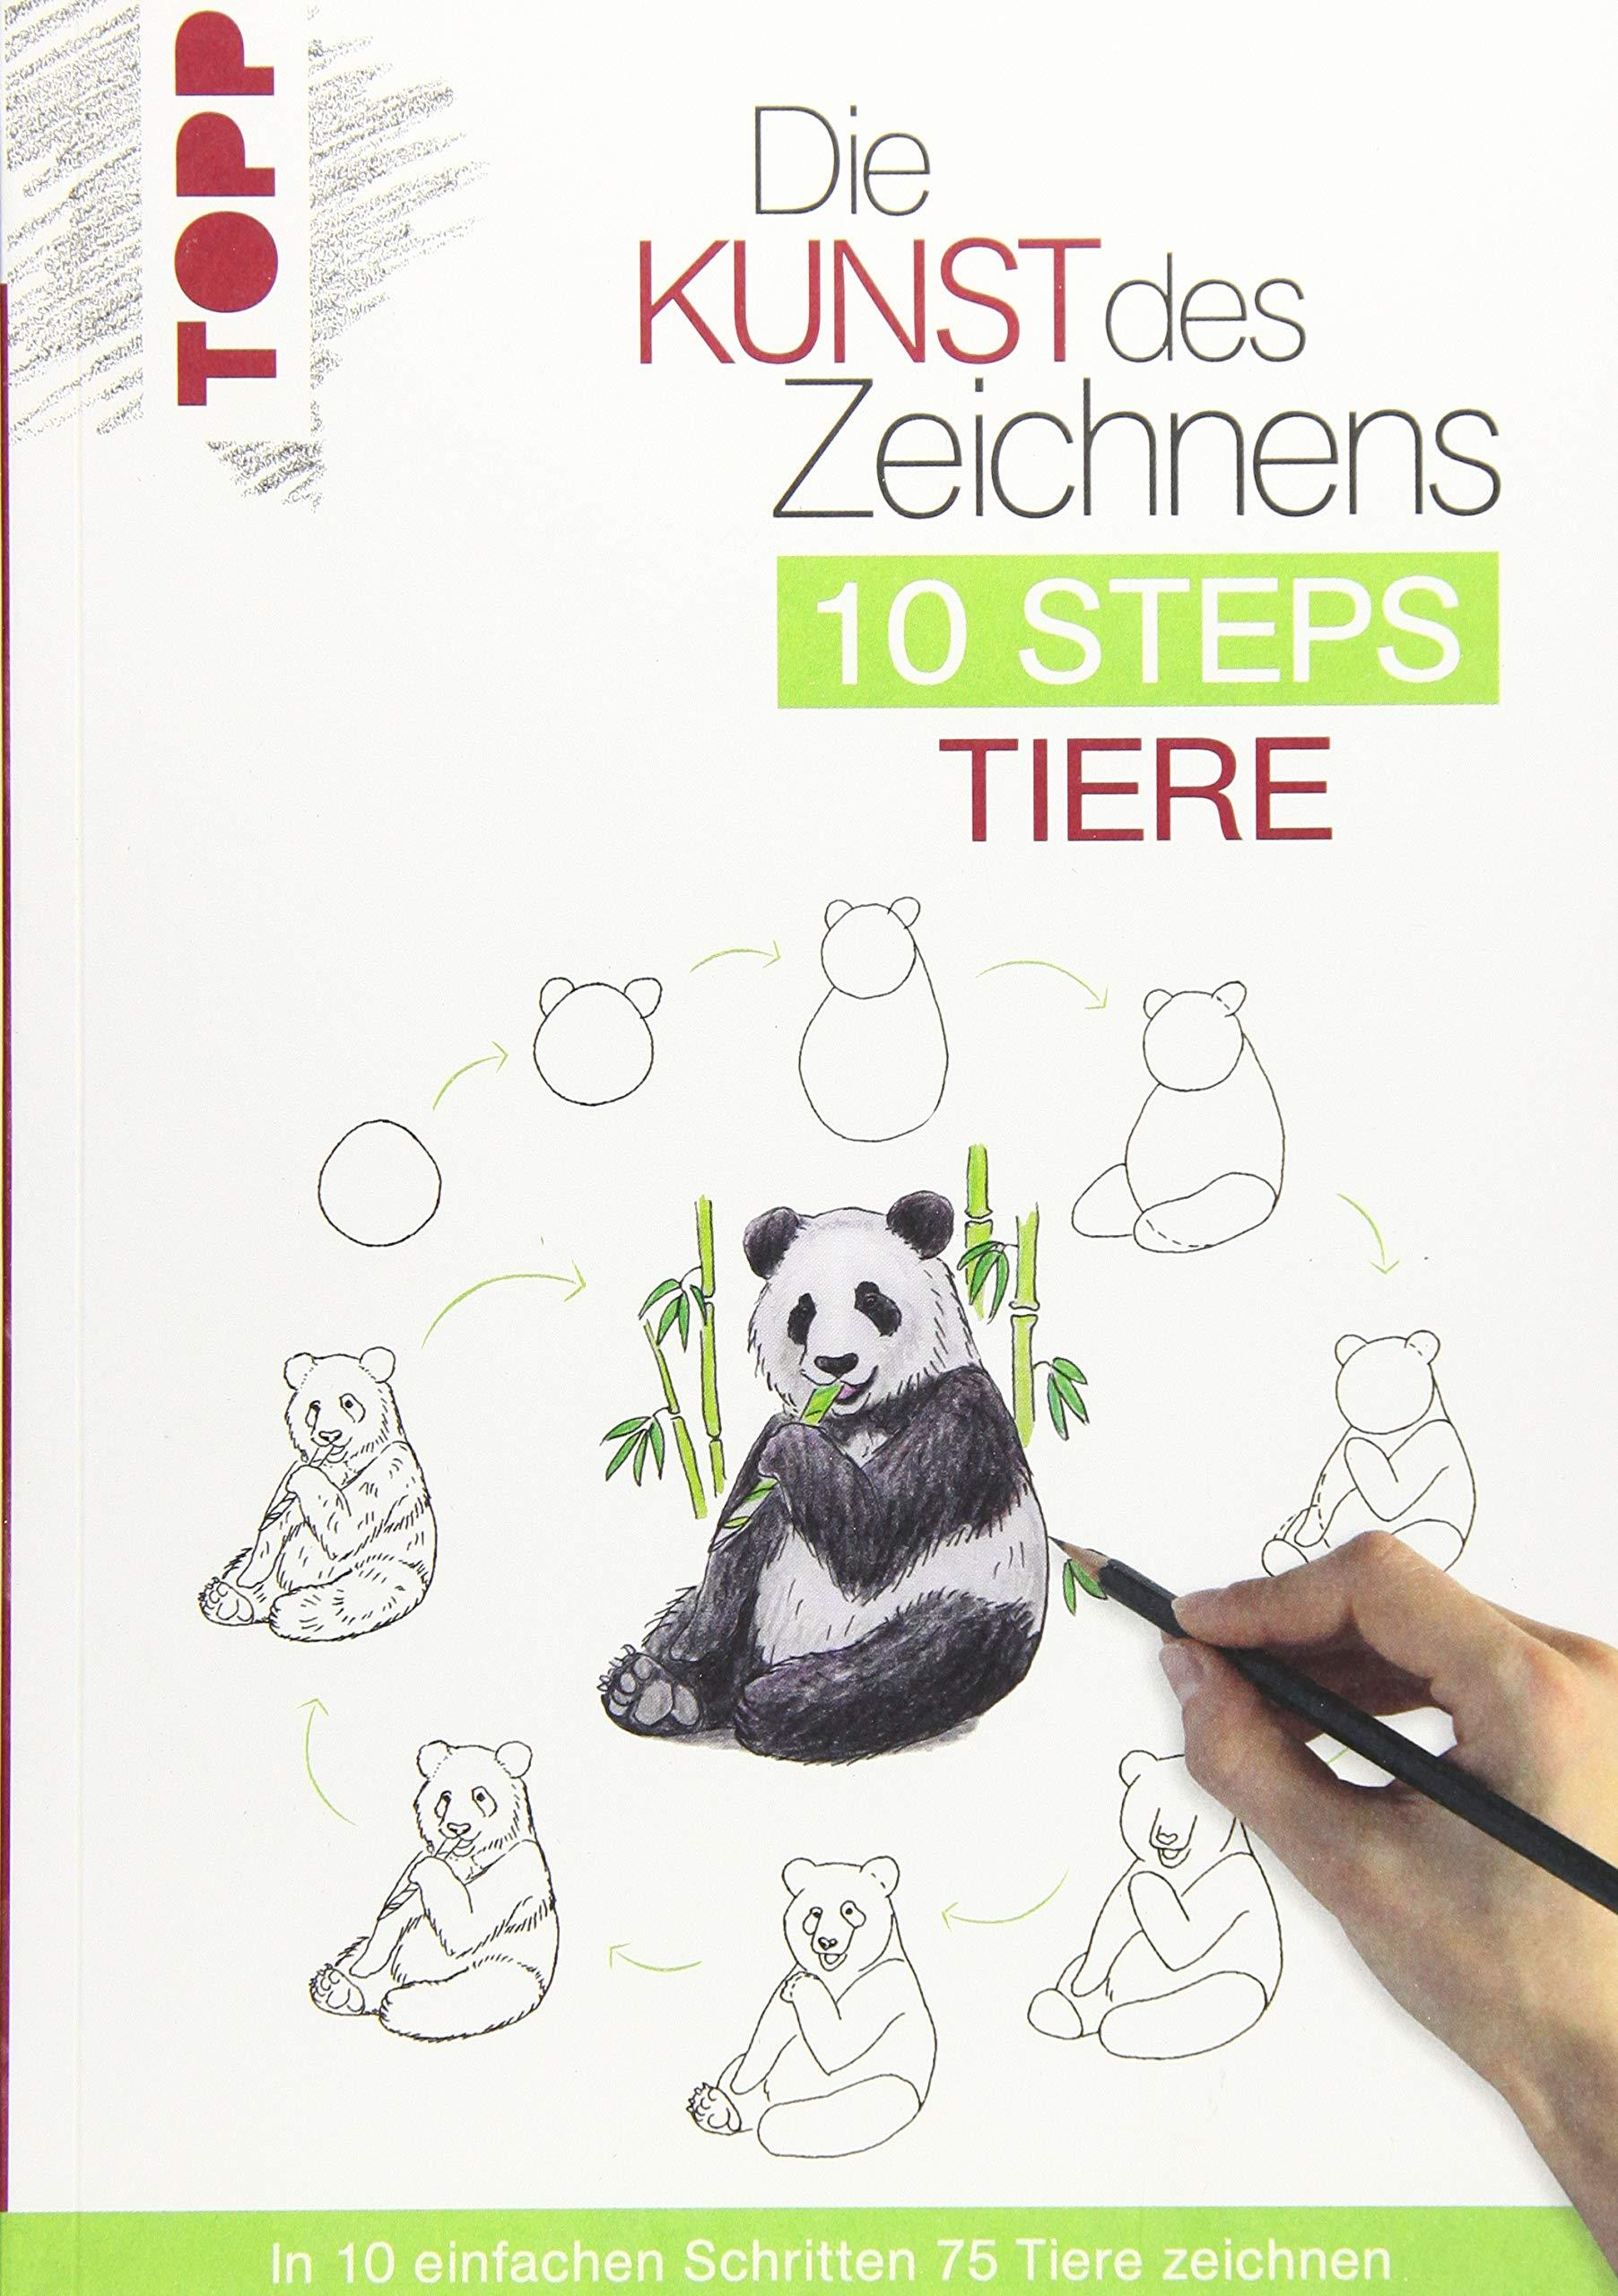 Die Kunst Des Zeichnens 10 Steps Tiere In 10 Einfachen